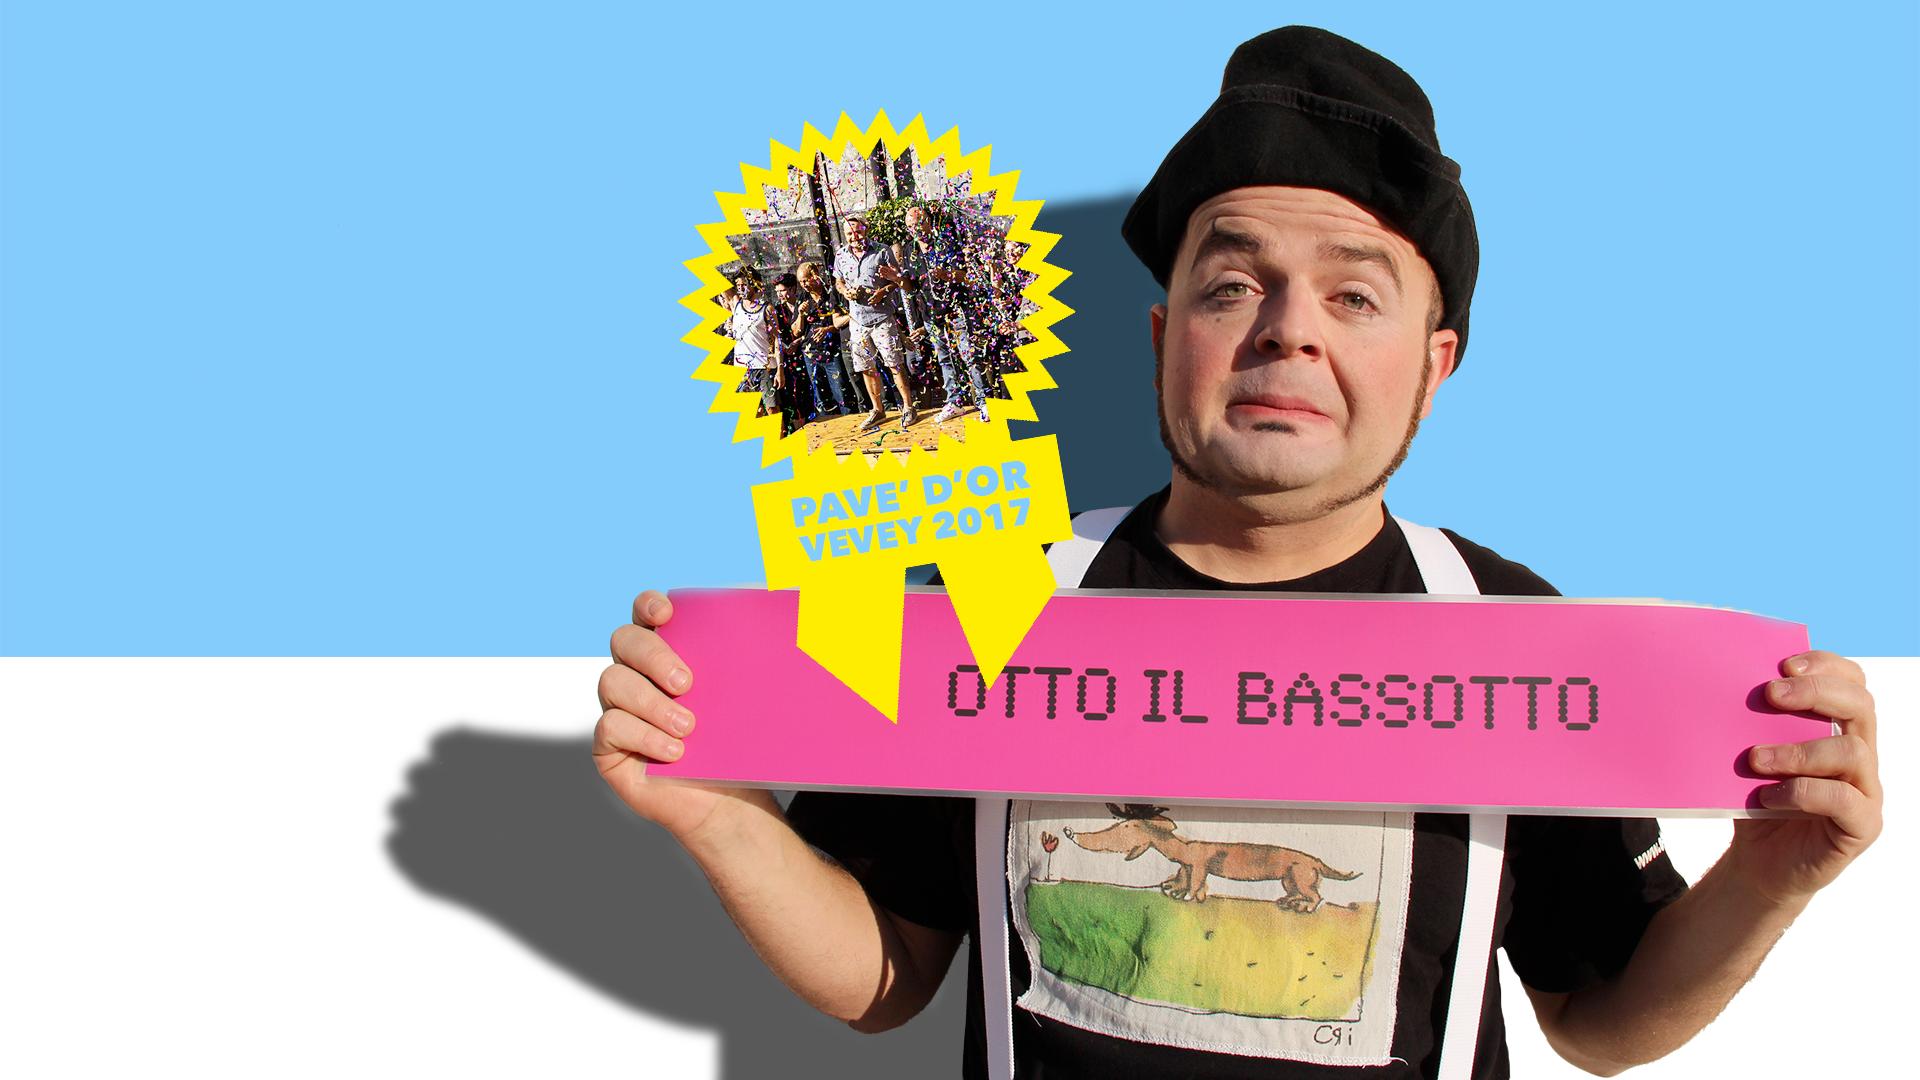 Otto il Bassotto